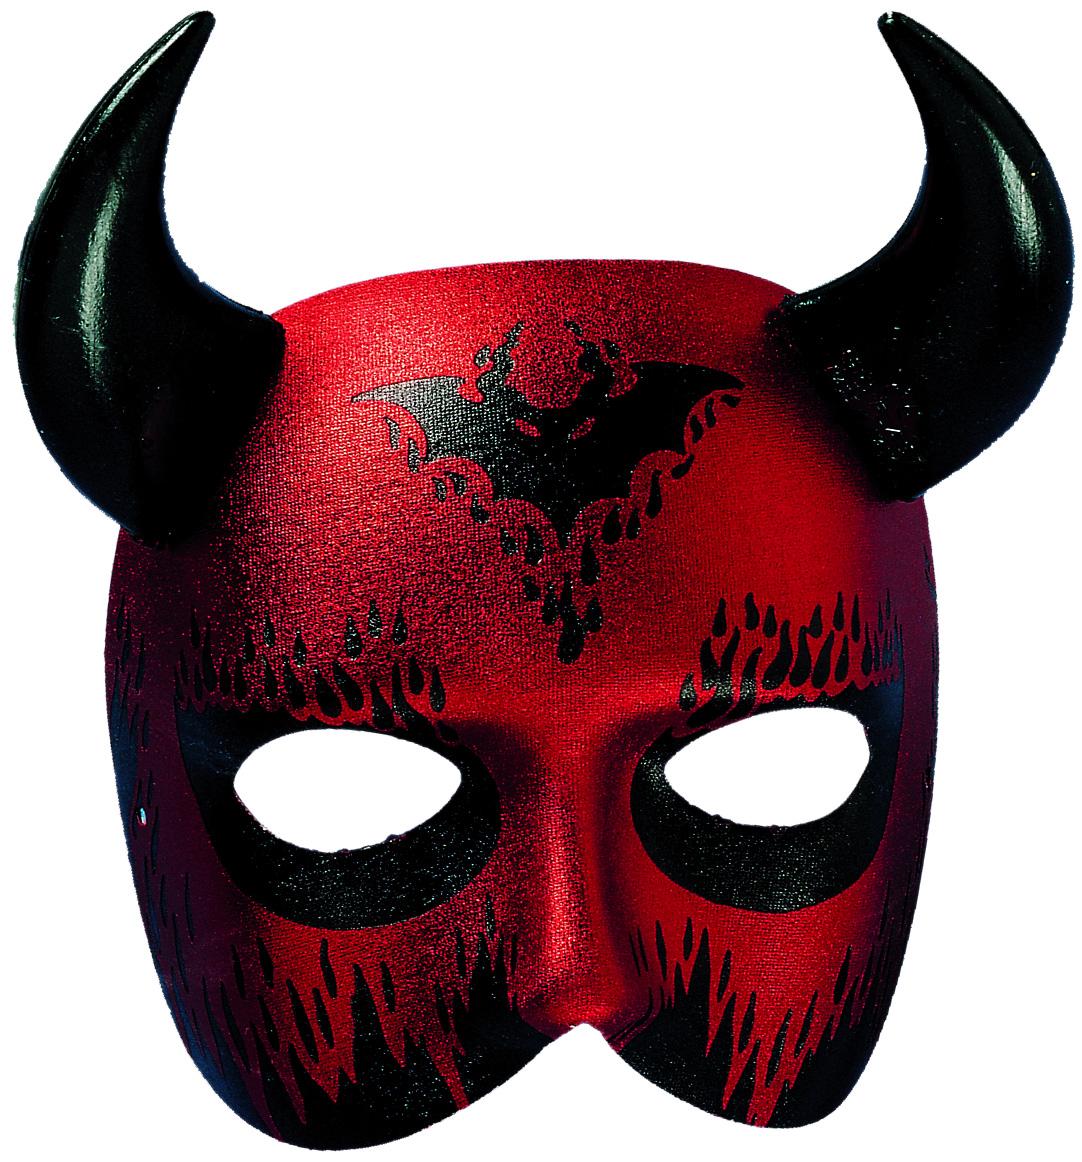 schwarz mit roten Hörnern Teufelsmaske Maske Teufel